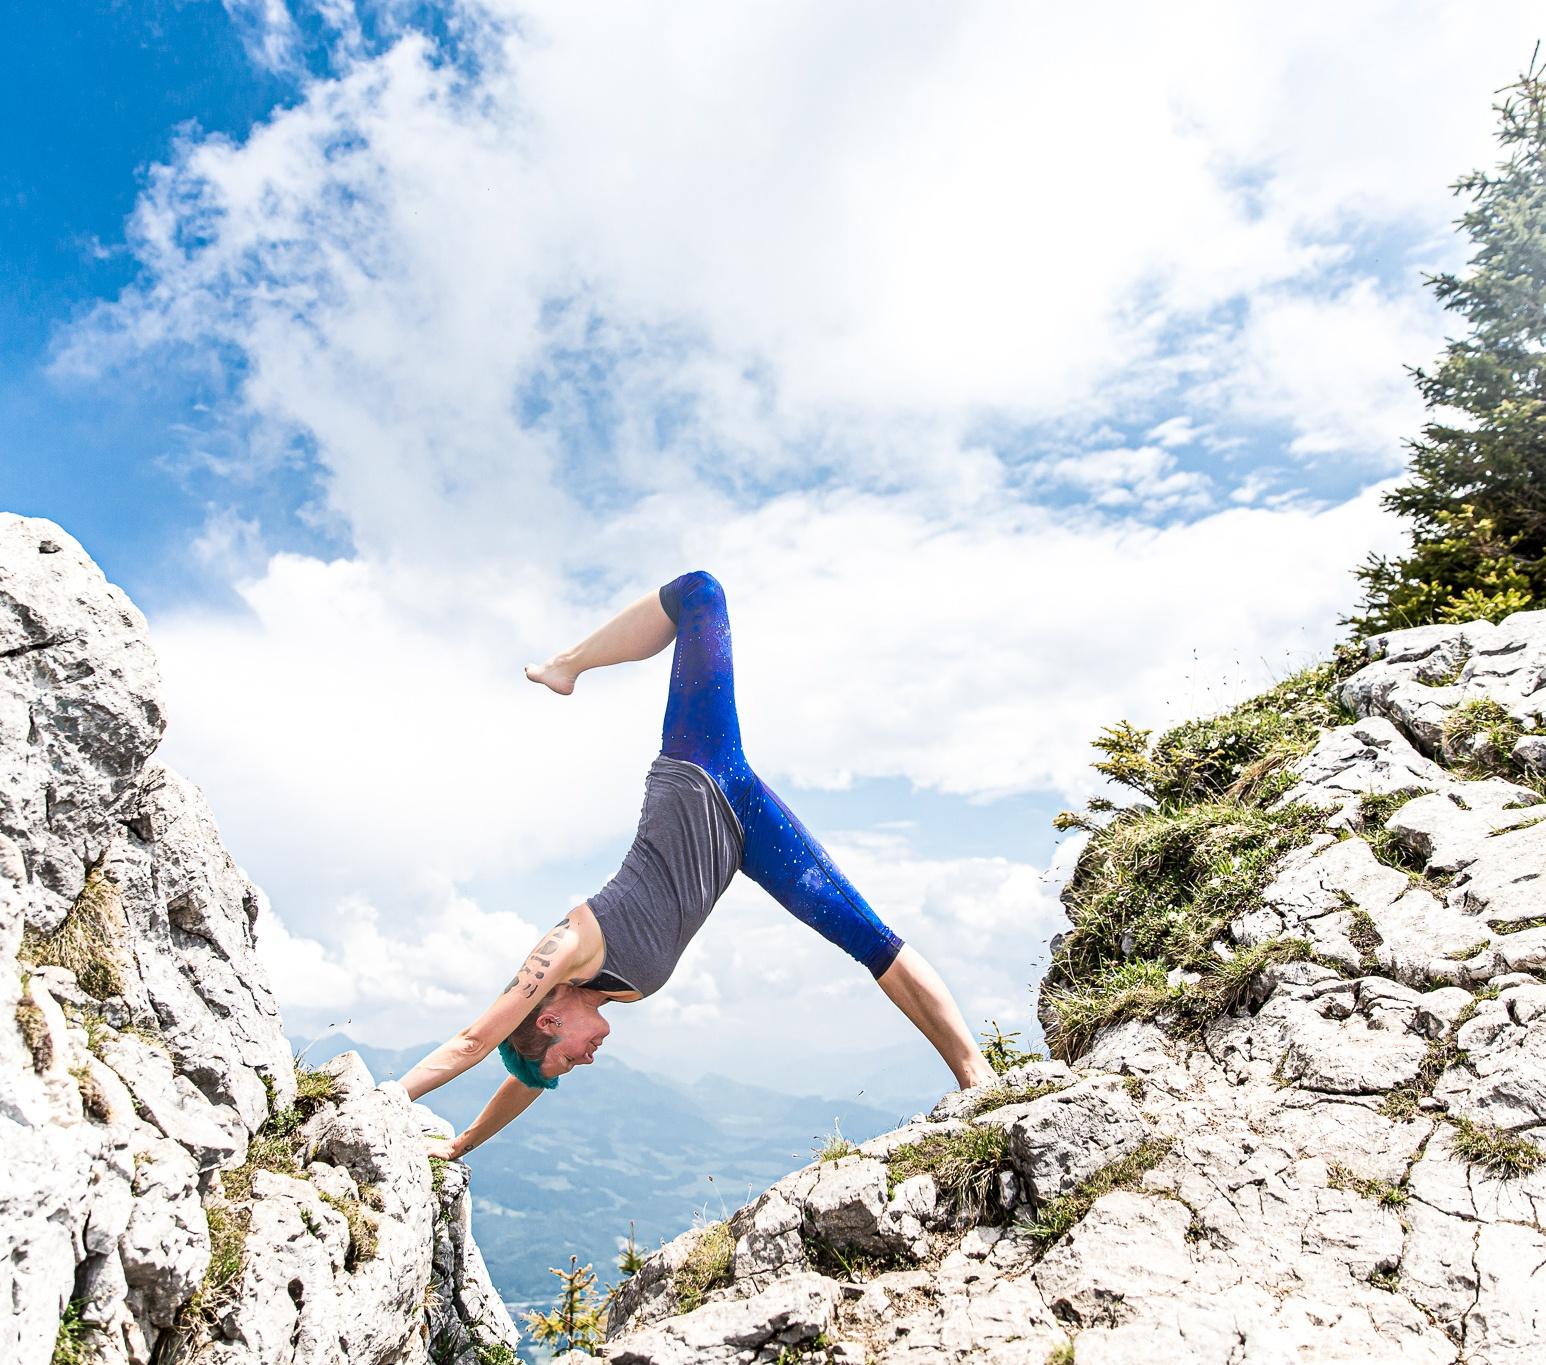 hatha-yoga-dreibeiniger-herabschauender-hund-miri-zinck-auf-berg